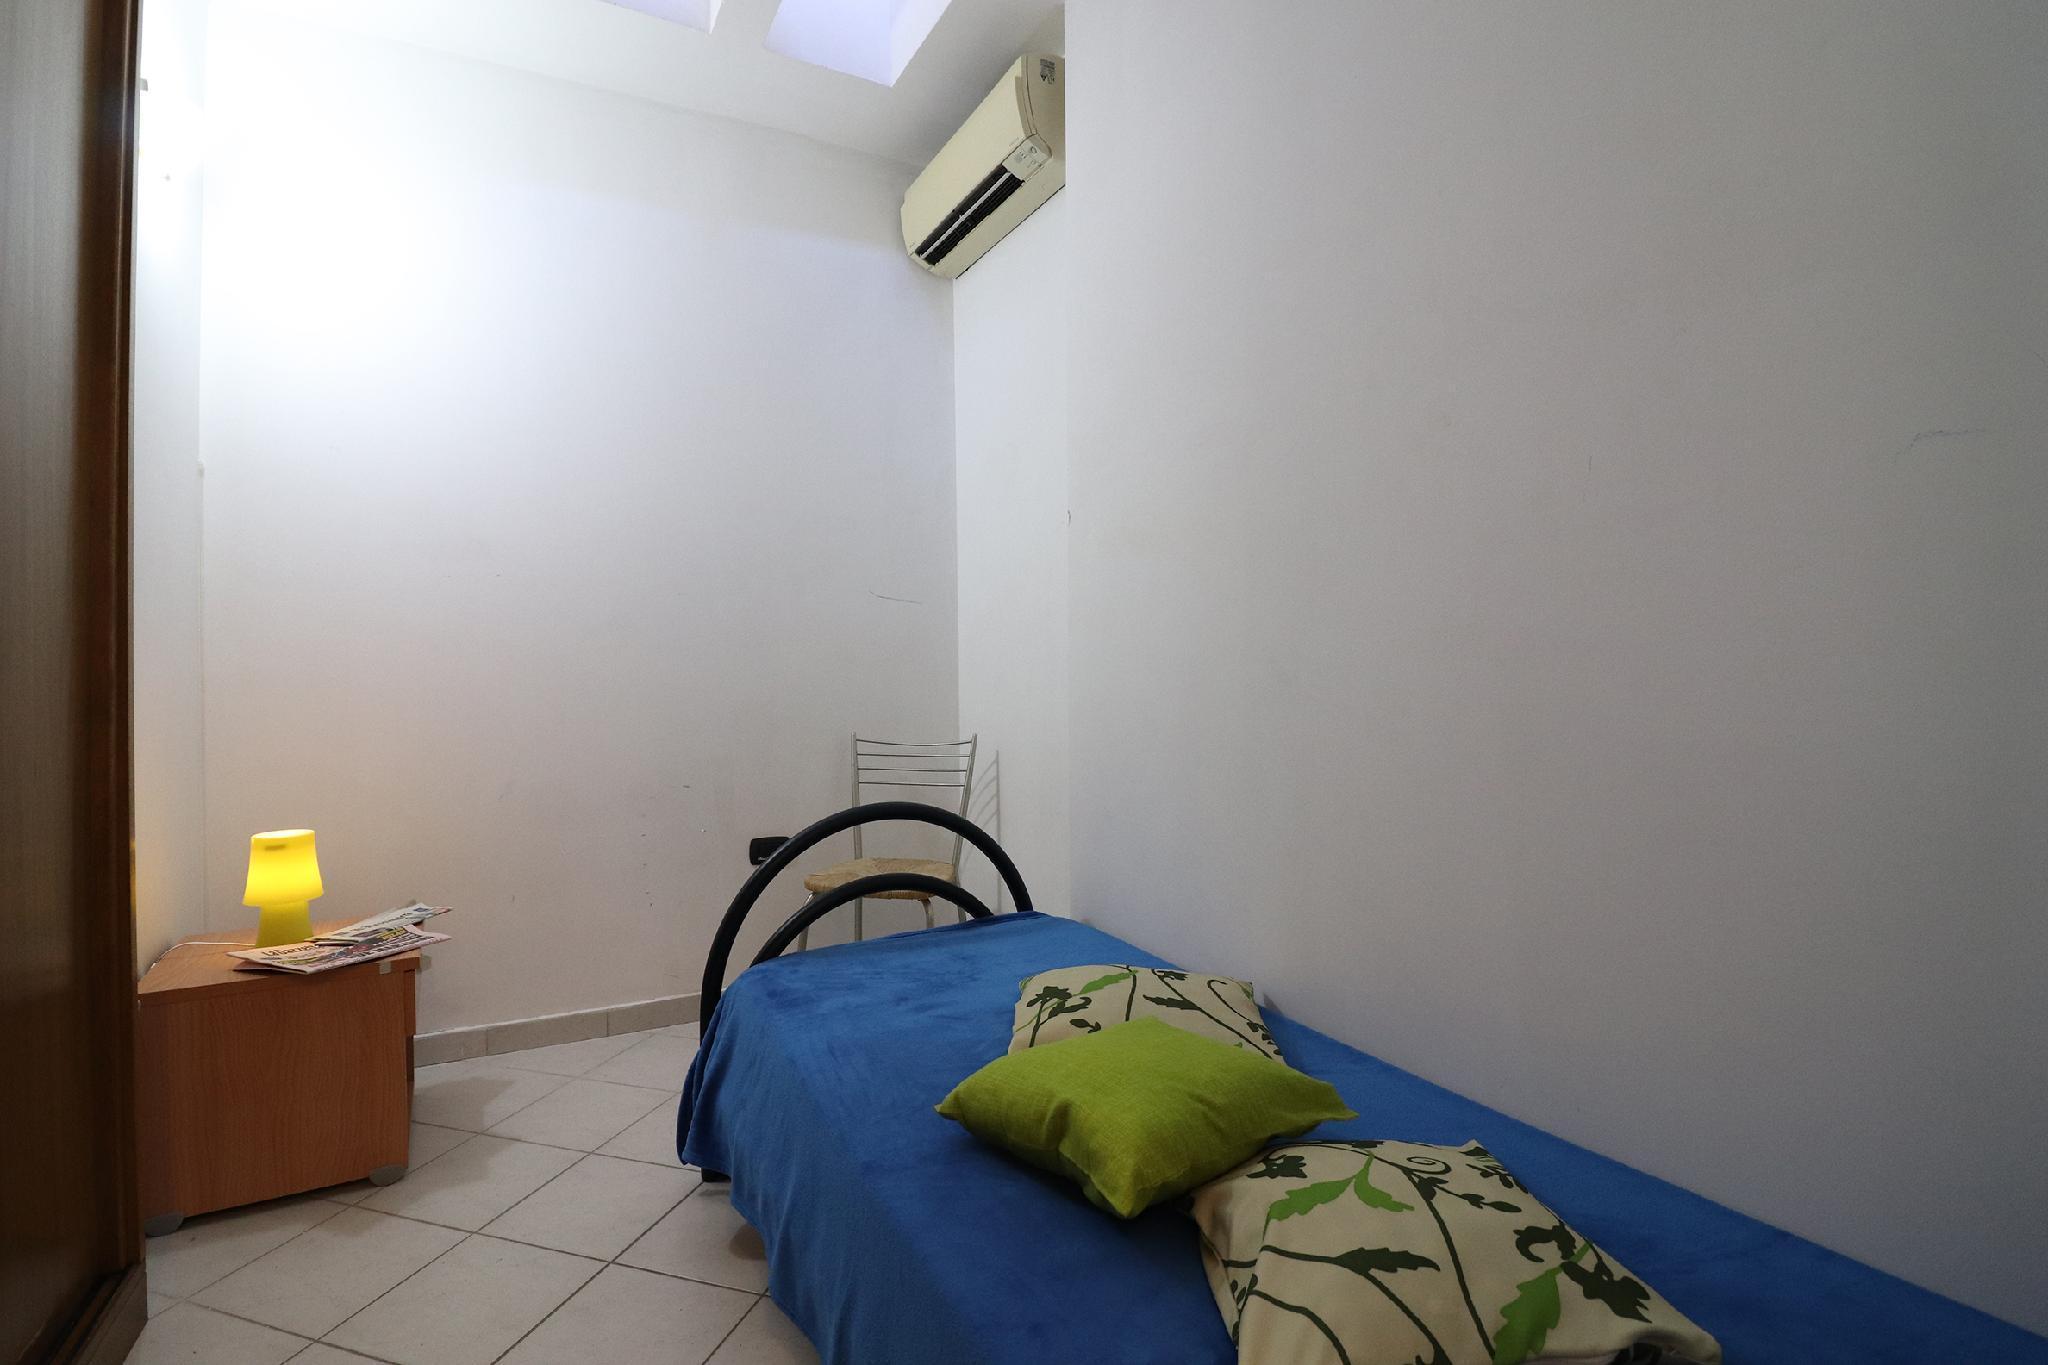 Casa vacanze clio centro Otranto, Salento 6 posti